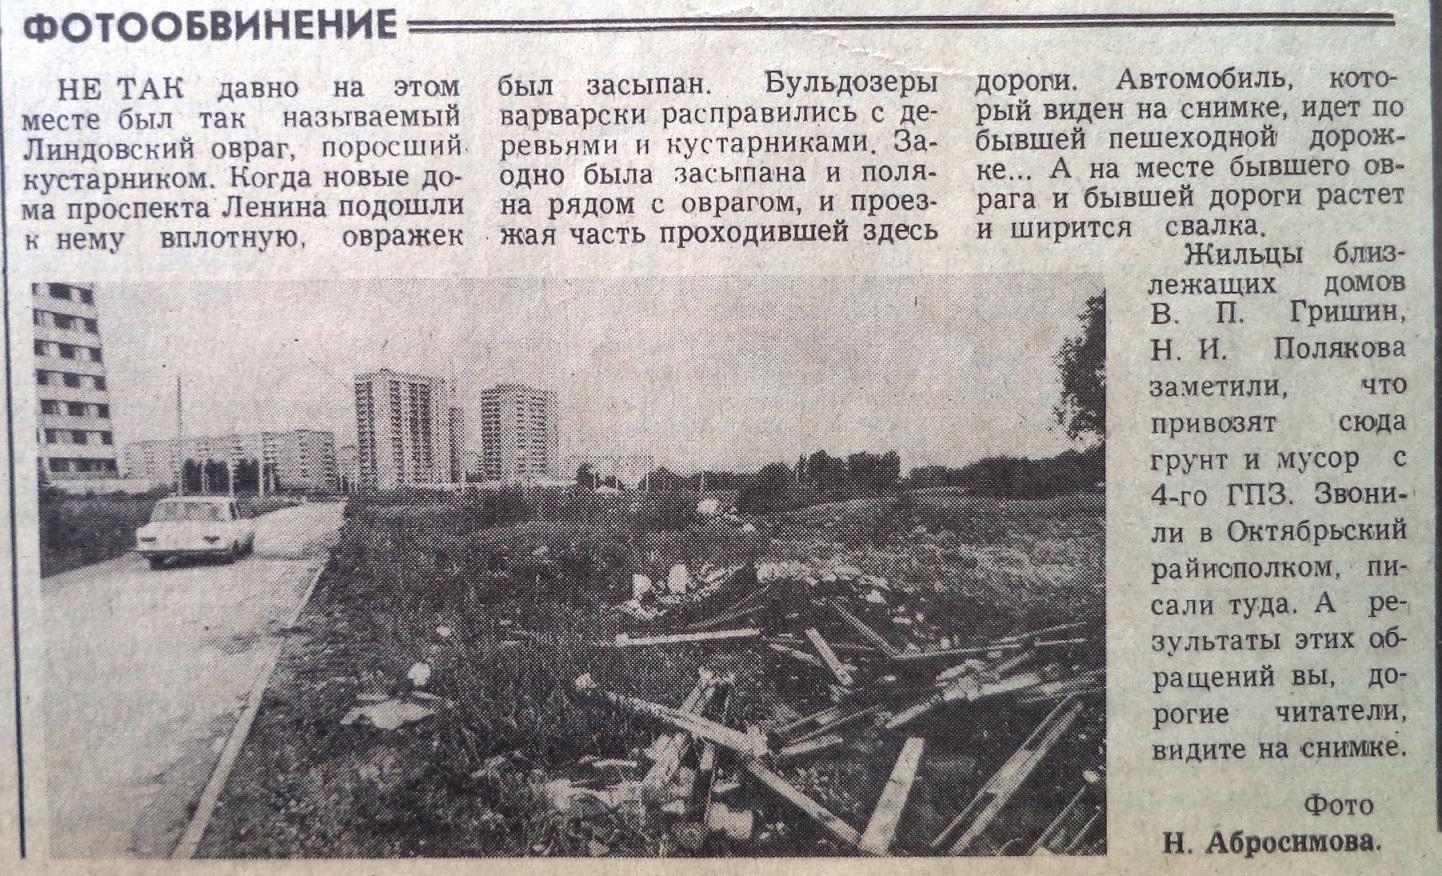 ФОТО-49-Ленина-ВЗя-1989-07-11-фото из Линдова оврага